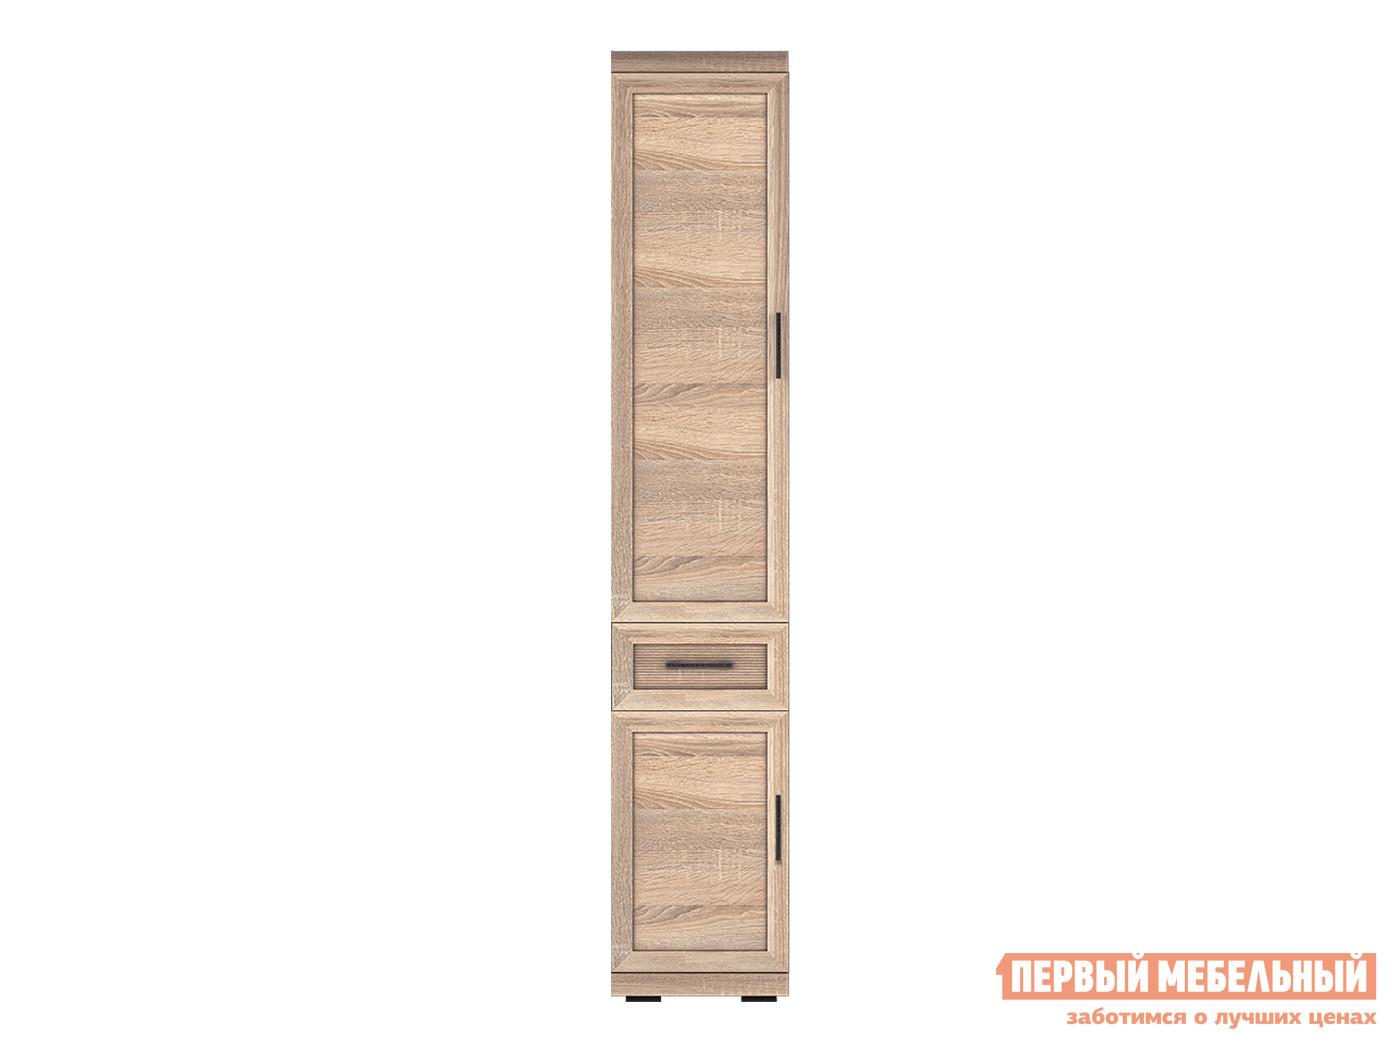 Шкаф распашной Первый Мебельный Вега Прованс 9 шкаф комбинированный прованс нм 009 17